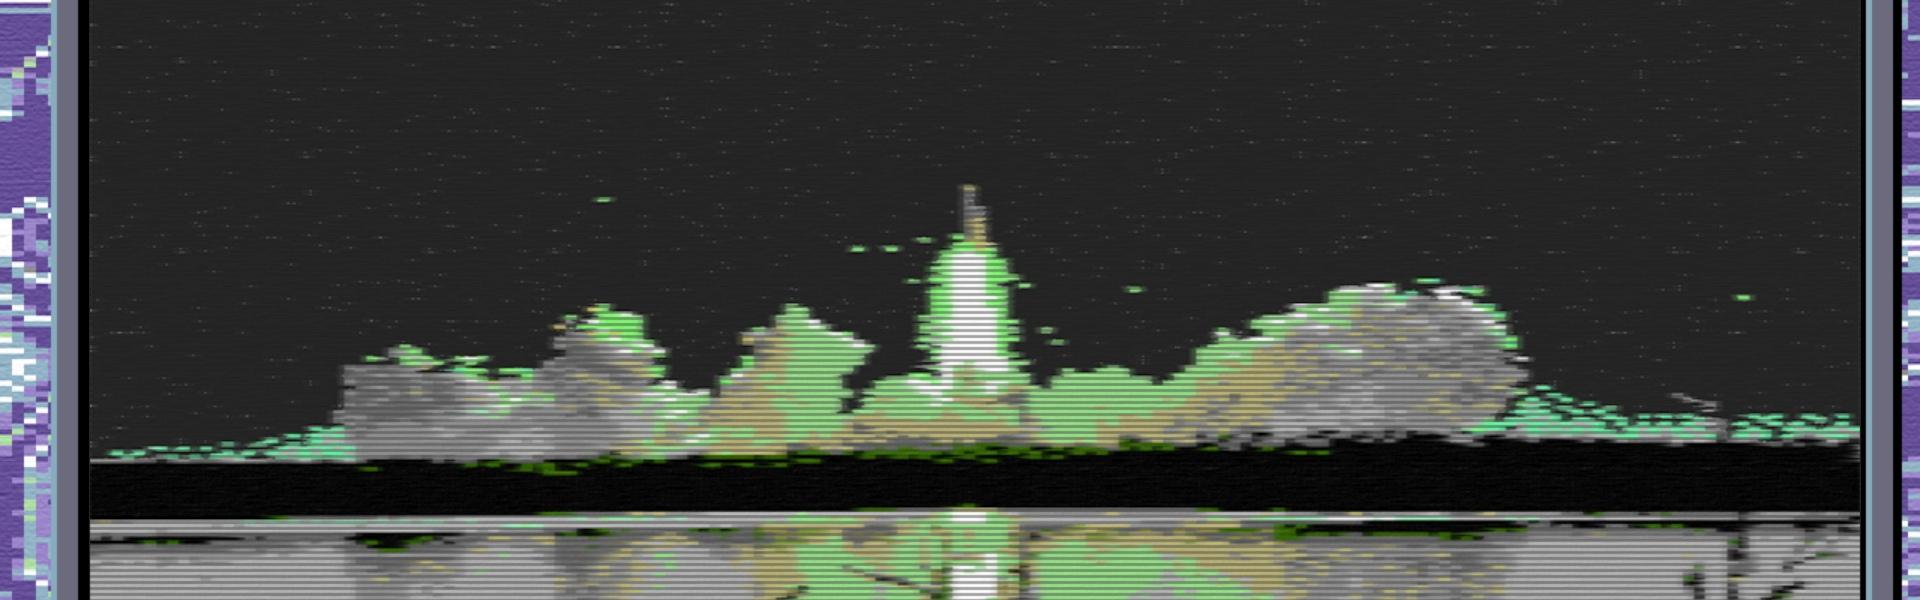 Cyber City 2157: The Visual Novel Steam Key GLOBAL